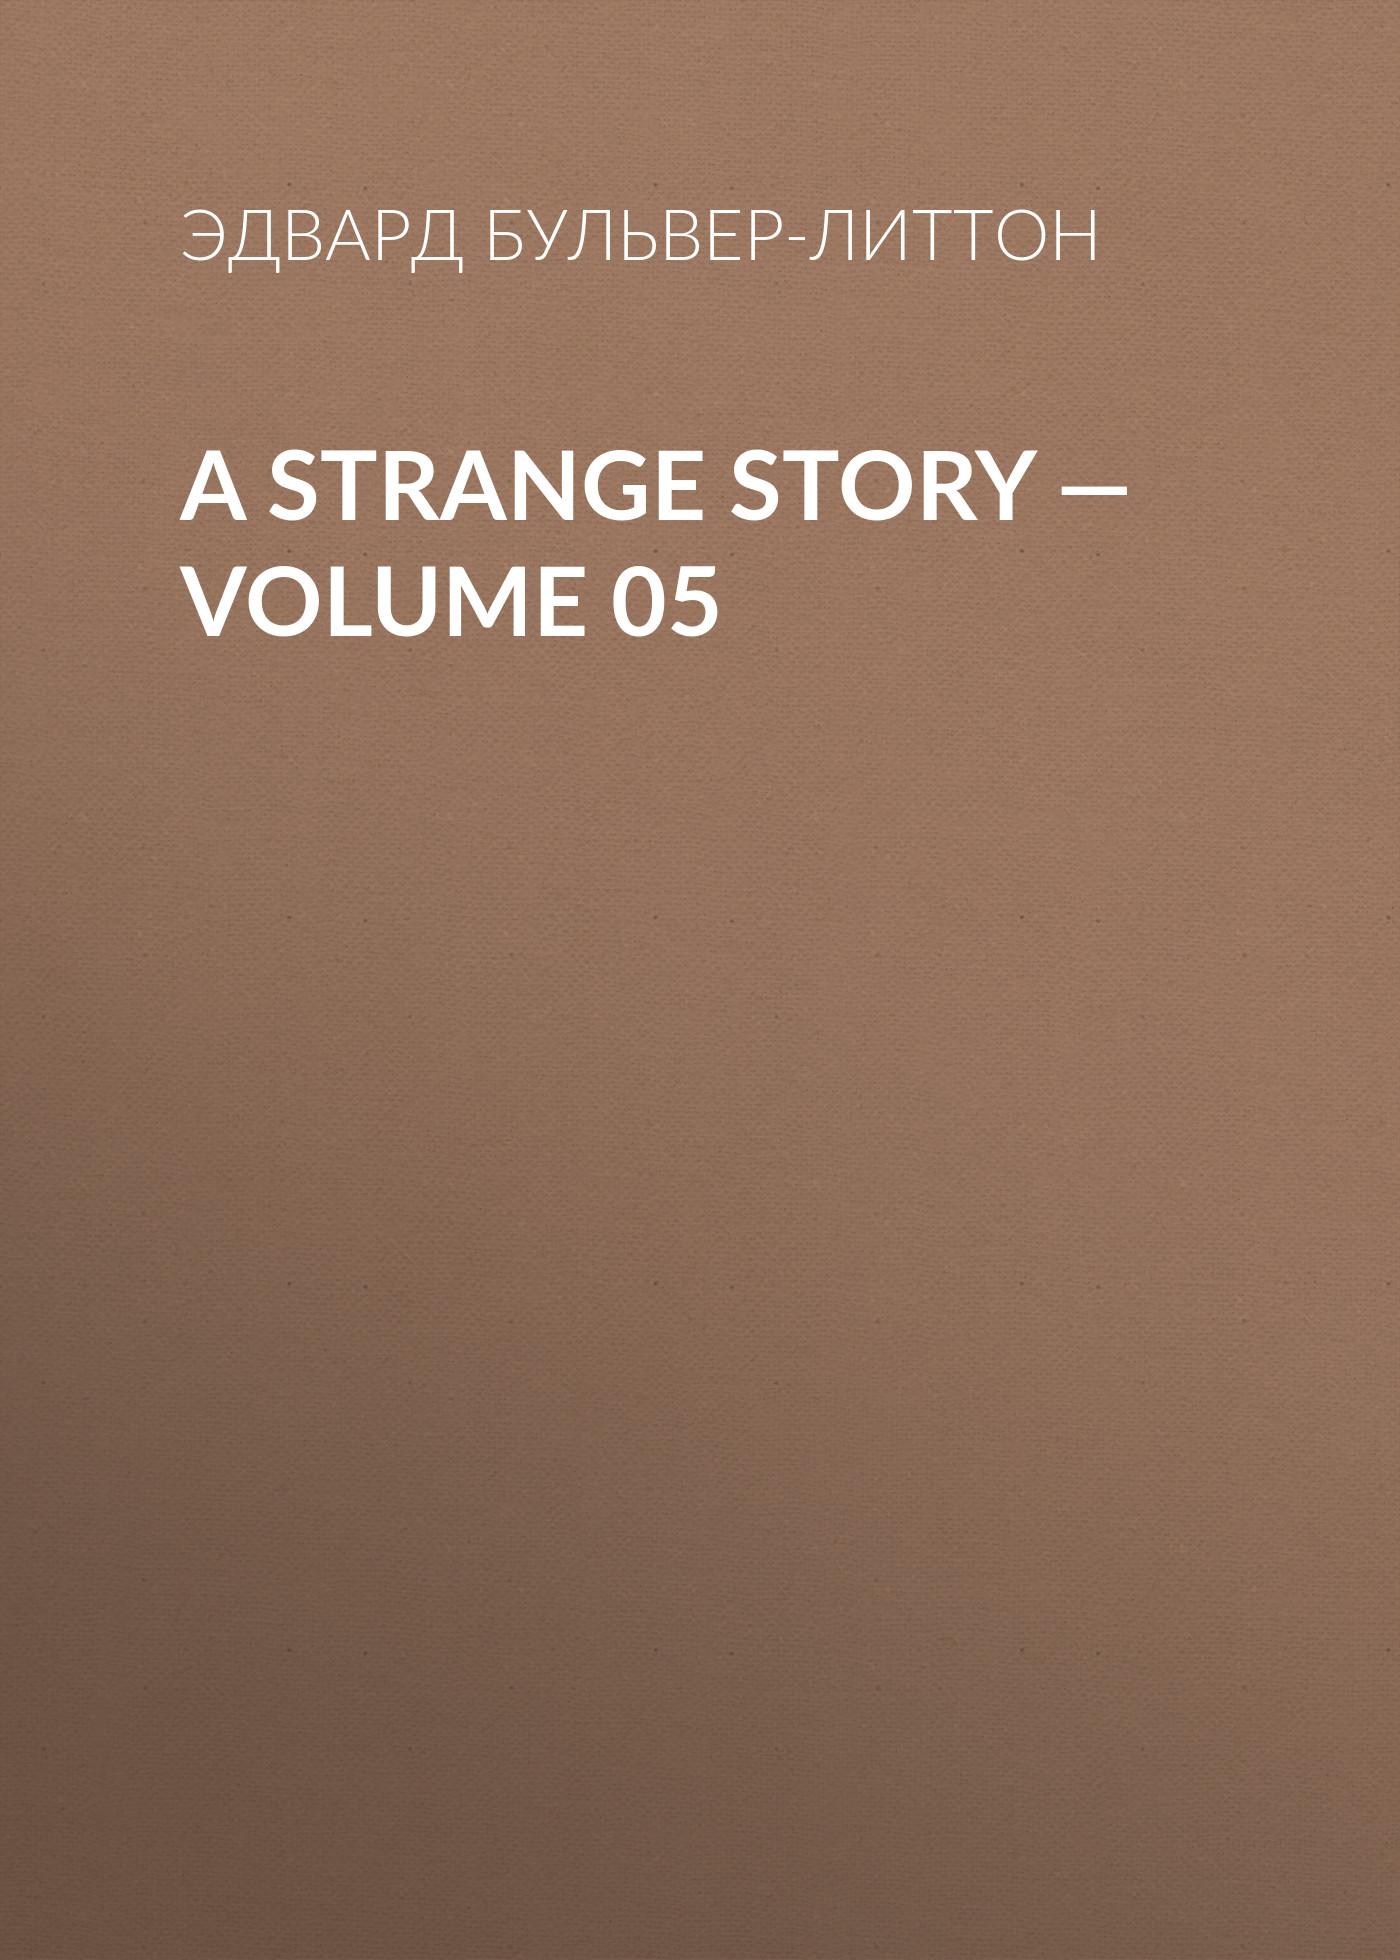 Эдвард Бульвер-Литтон A Strange Story — Volume 05 эдвард бульвер литтон a strange story volume 05